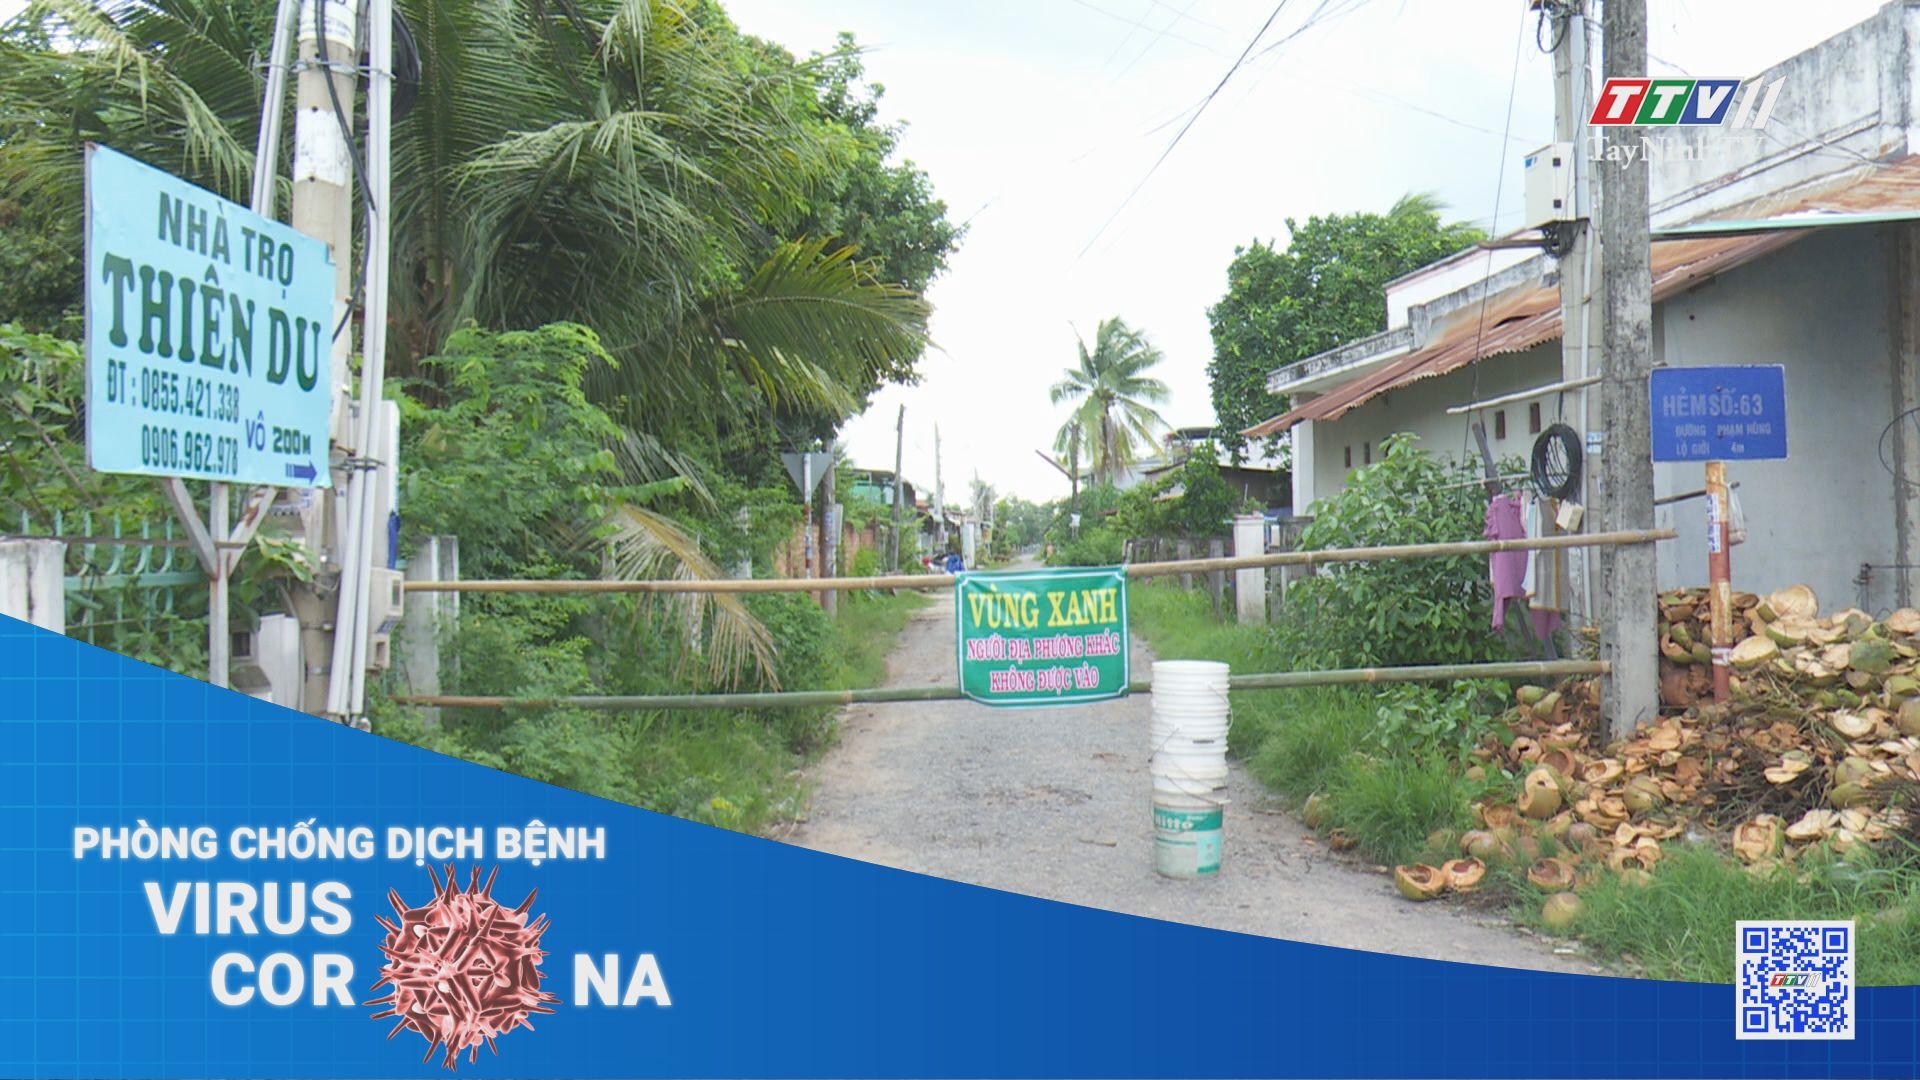 Thị xã Hòa Thành thiết lập vùng xanh chống dịch Covid-19 | THÔNG TIN DỊCH COVID-19 | TayNinhTV